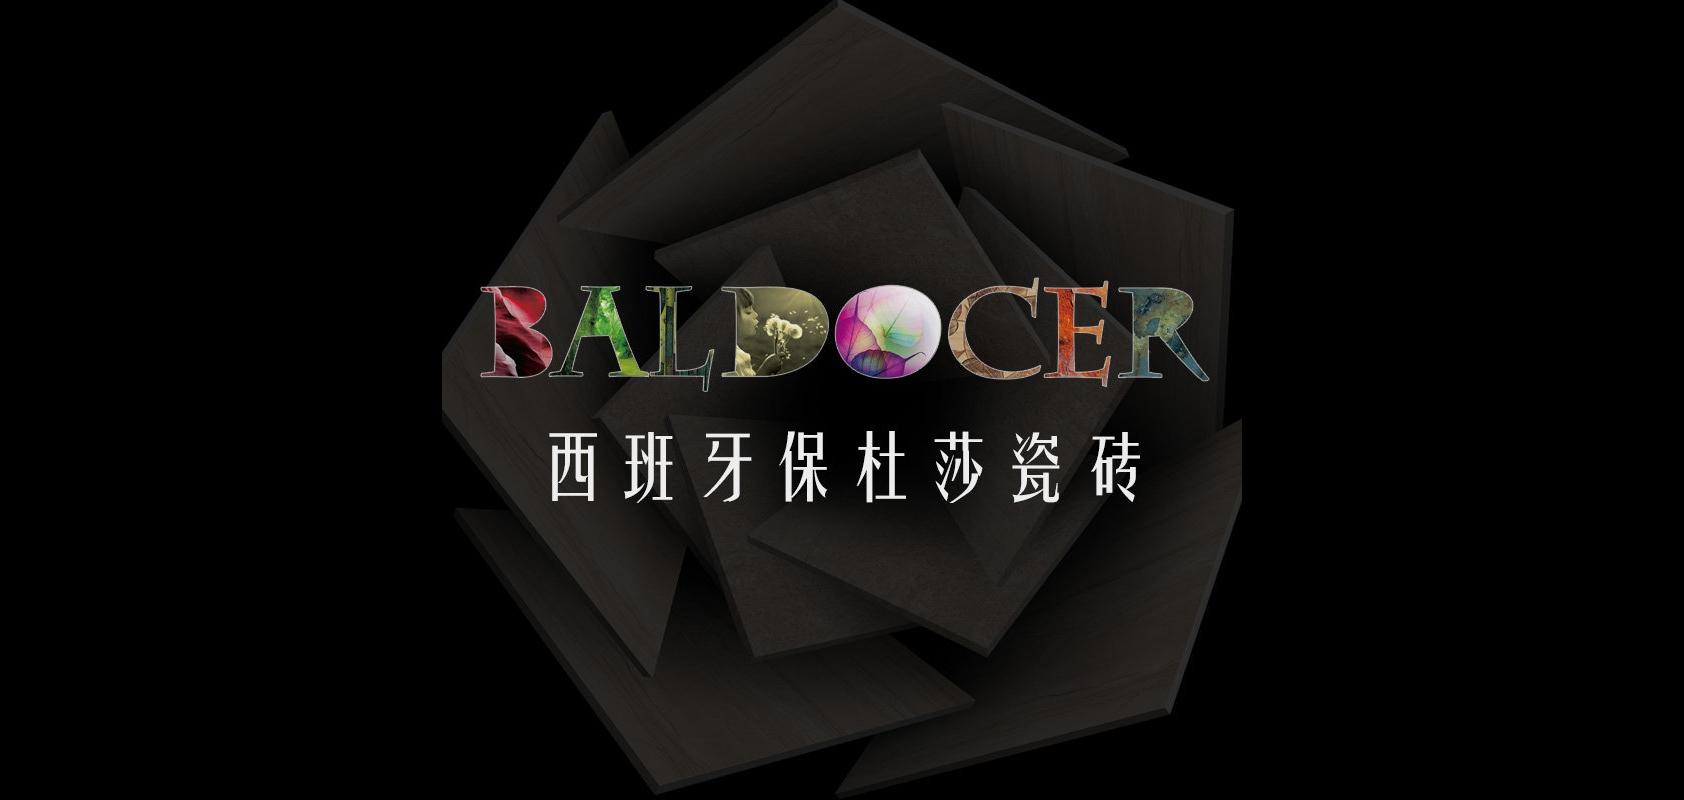 baldocer瓷砖是什么牌子_baldocer瓷砖品牌怎么样?